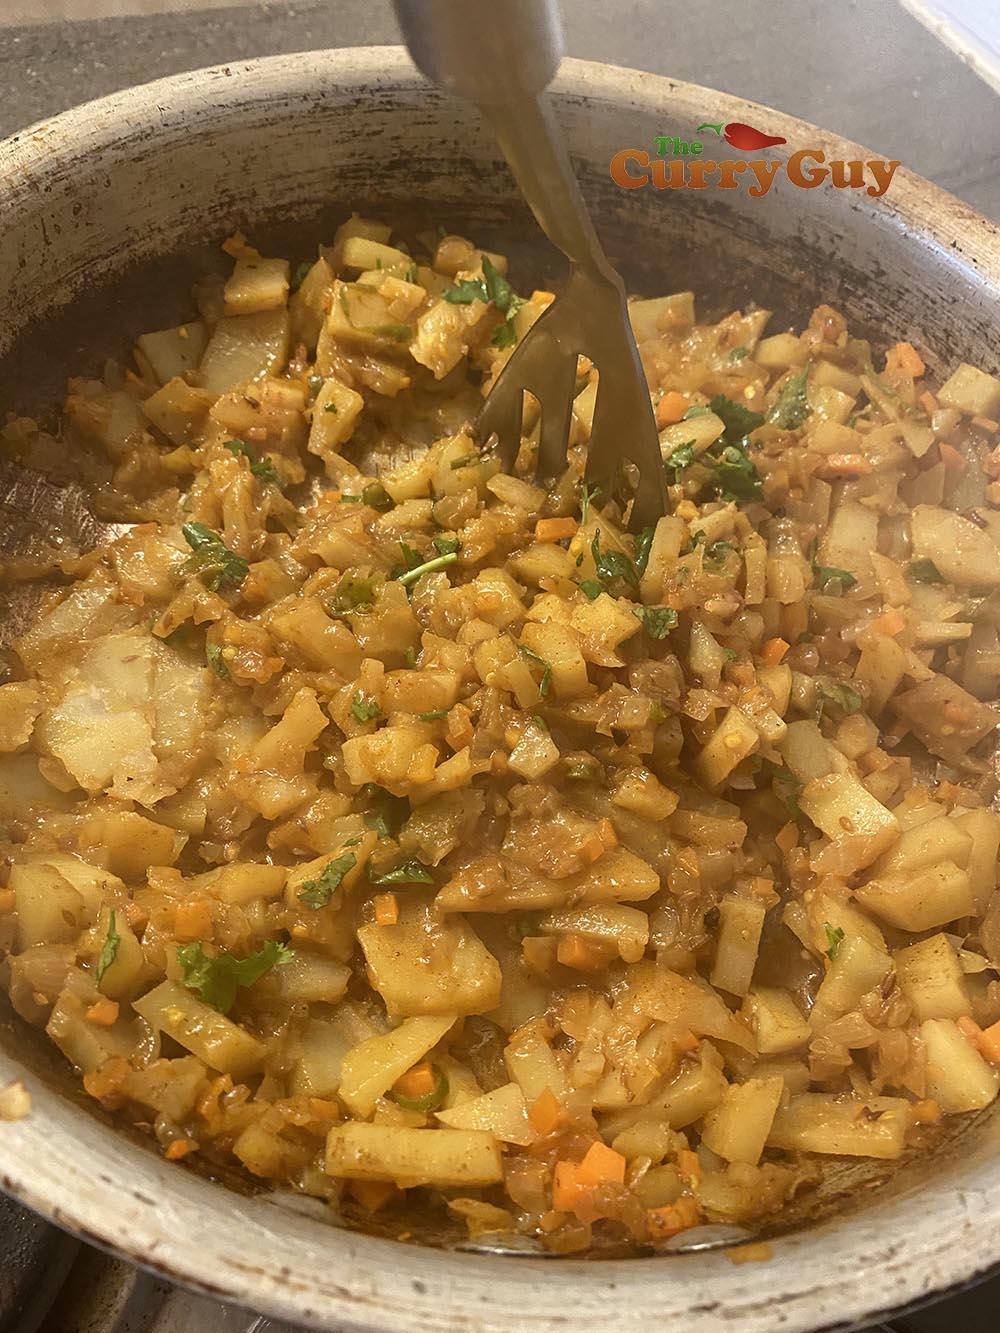 Using potato masher to crush potatoes